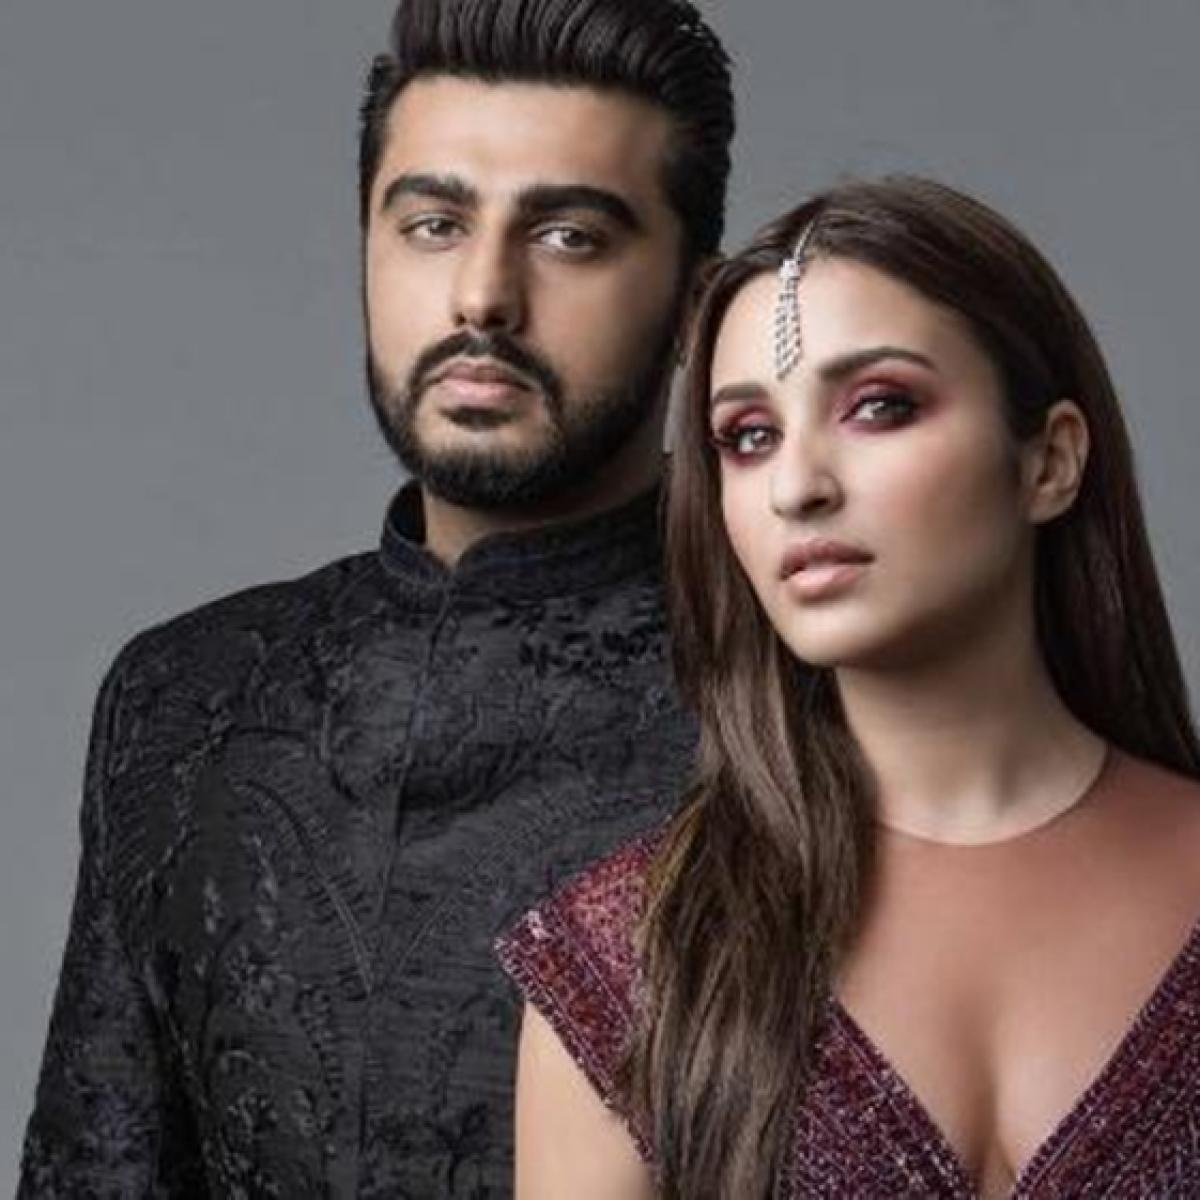 Arjun Kapoor, Parineeti Chopra's 'Sandeep Aur Pinky Faraar' to release on March 20